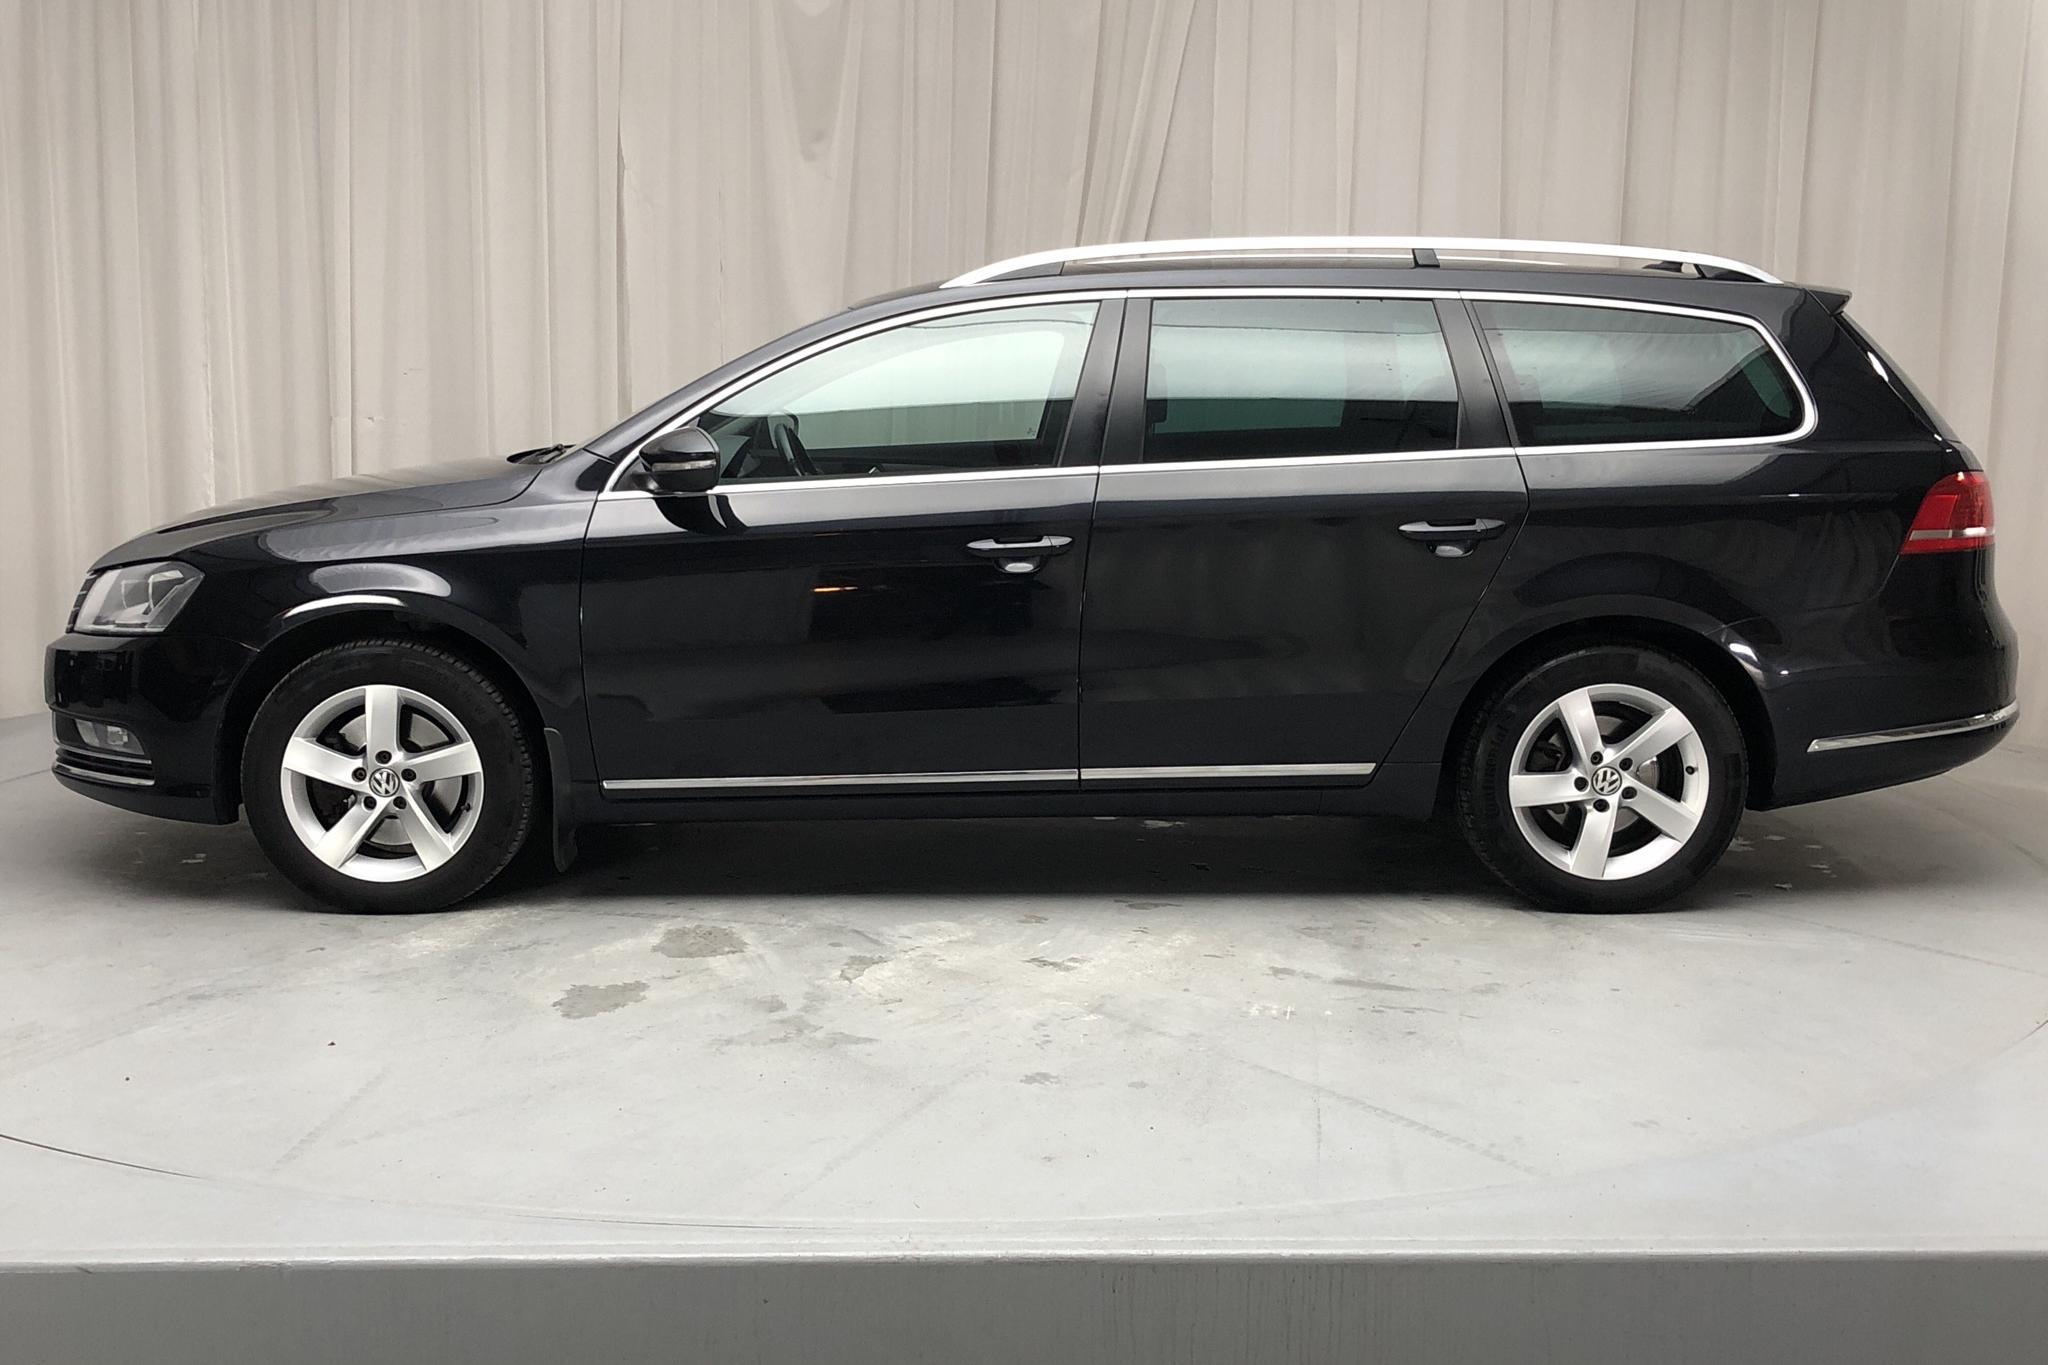 VW Passat 1.4 TSI EcoFuel Variant (150hk) - 200 740 km - Manual - black - 2014